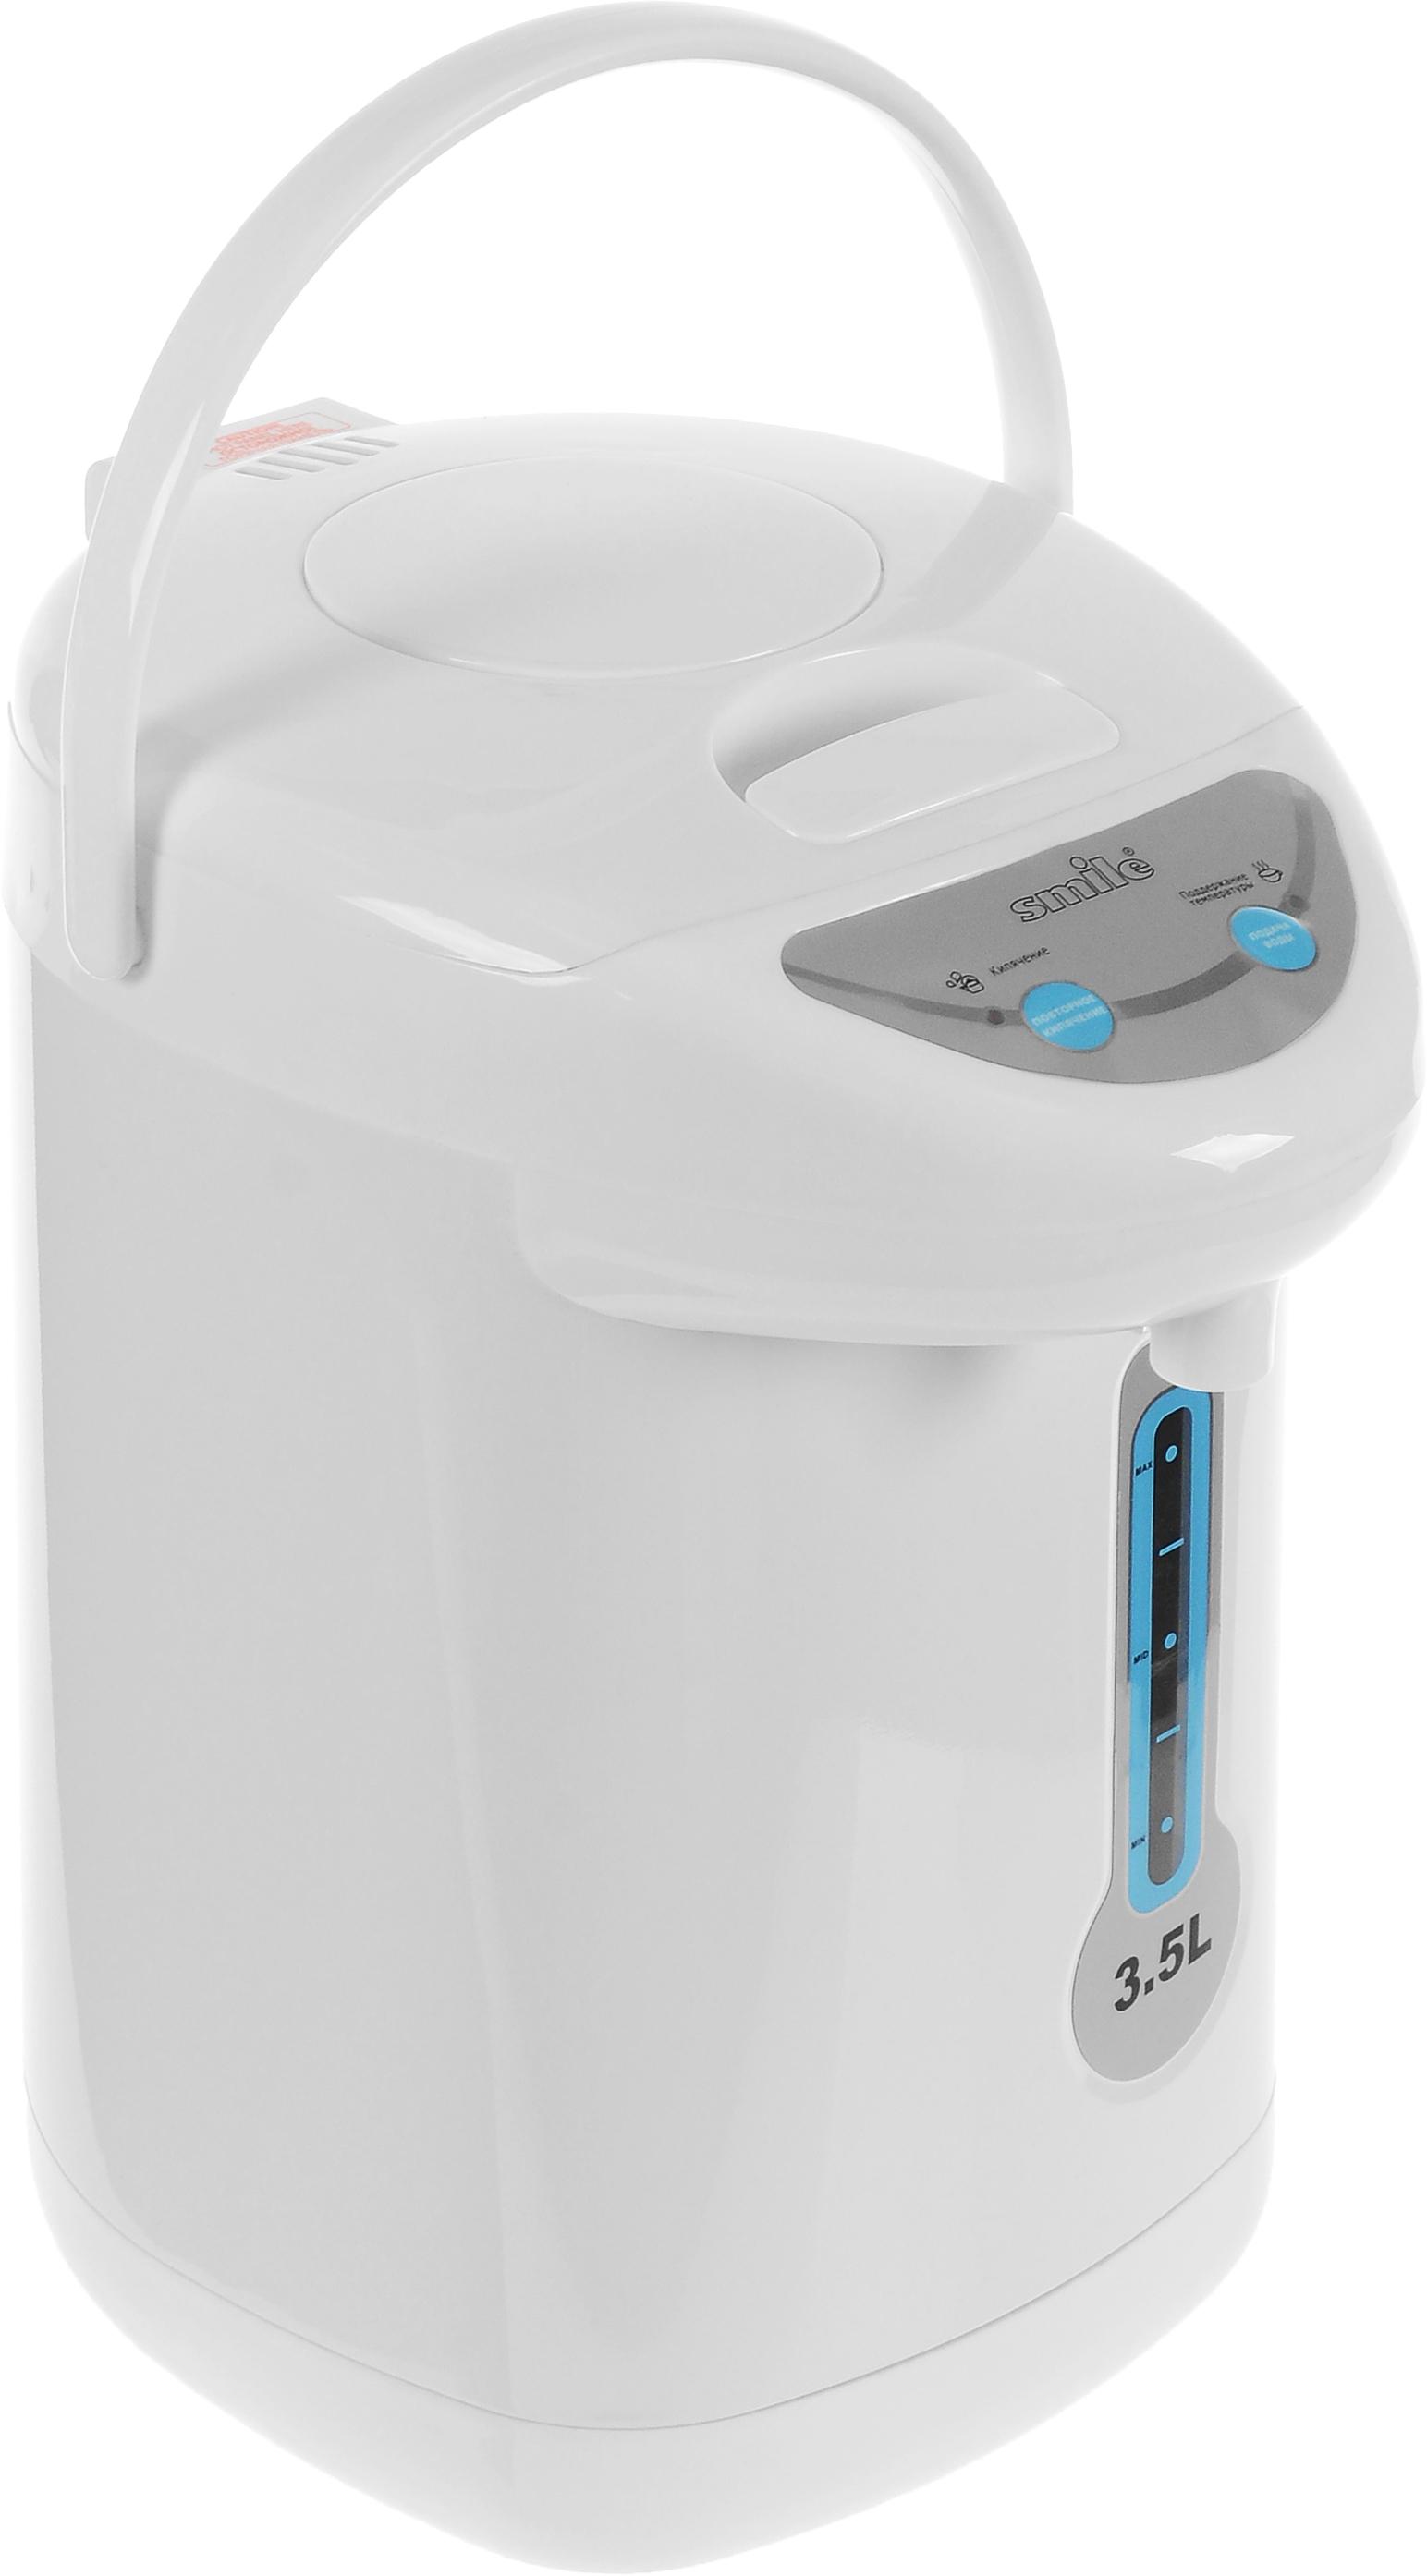 Smile TP 1074, White термопотTP 1074Smile TP 1074 - надежный термопот с объемом 3,5 литра. Прибор оснащен скрытым нагревательным элементом. Корпус прибор изготовлен из качественного пластика а резервуар для воды - из нержавеющей стали. Вам доступны 3 способа подачи воды: ручная помпа, электронасос и с помощью нажатия чашки на клапан. Имеются также функции повторного кипячения и поддержания температуры. Мощность данной модели составляет 800 Вт.